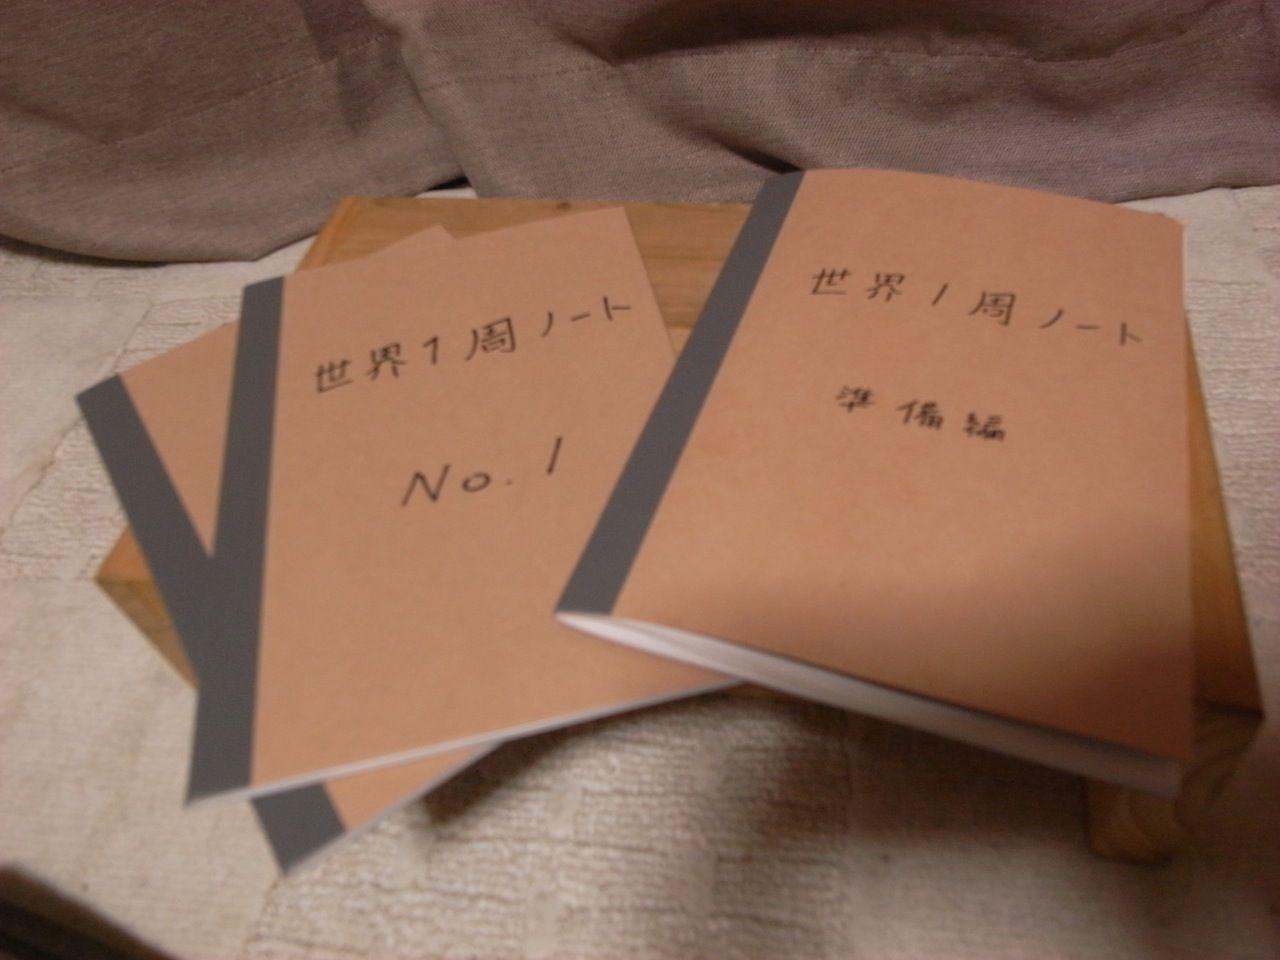 そんな私が旅に出るのに日記をつけるのは当然のことであり、むしろそうした系統の旅行者はだいたい旅日記をつける習慣があるとか聞いた。つまり、大方の旅行者は几帳面  ...